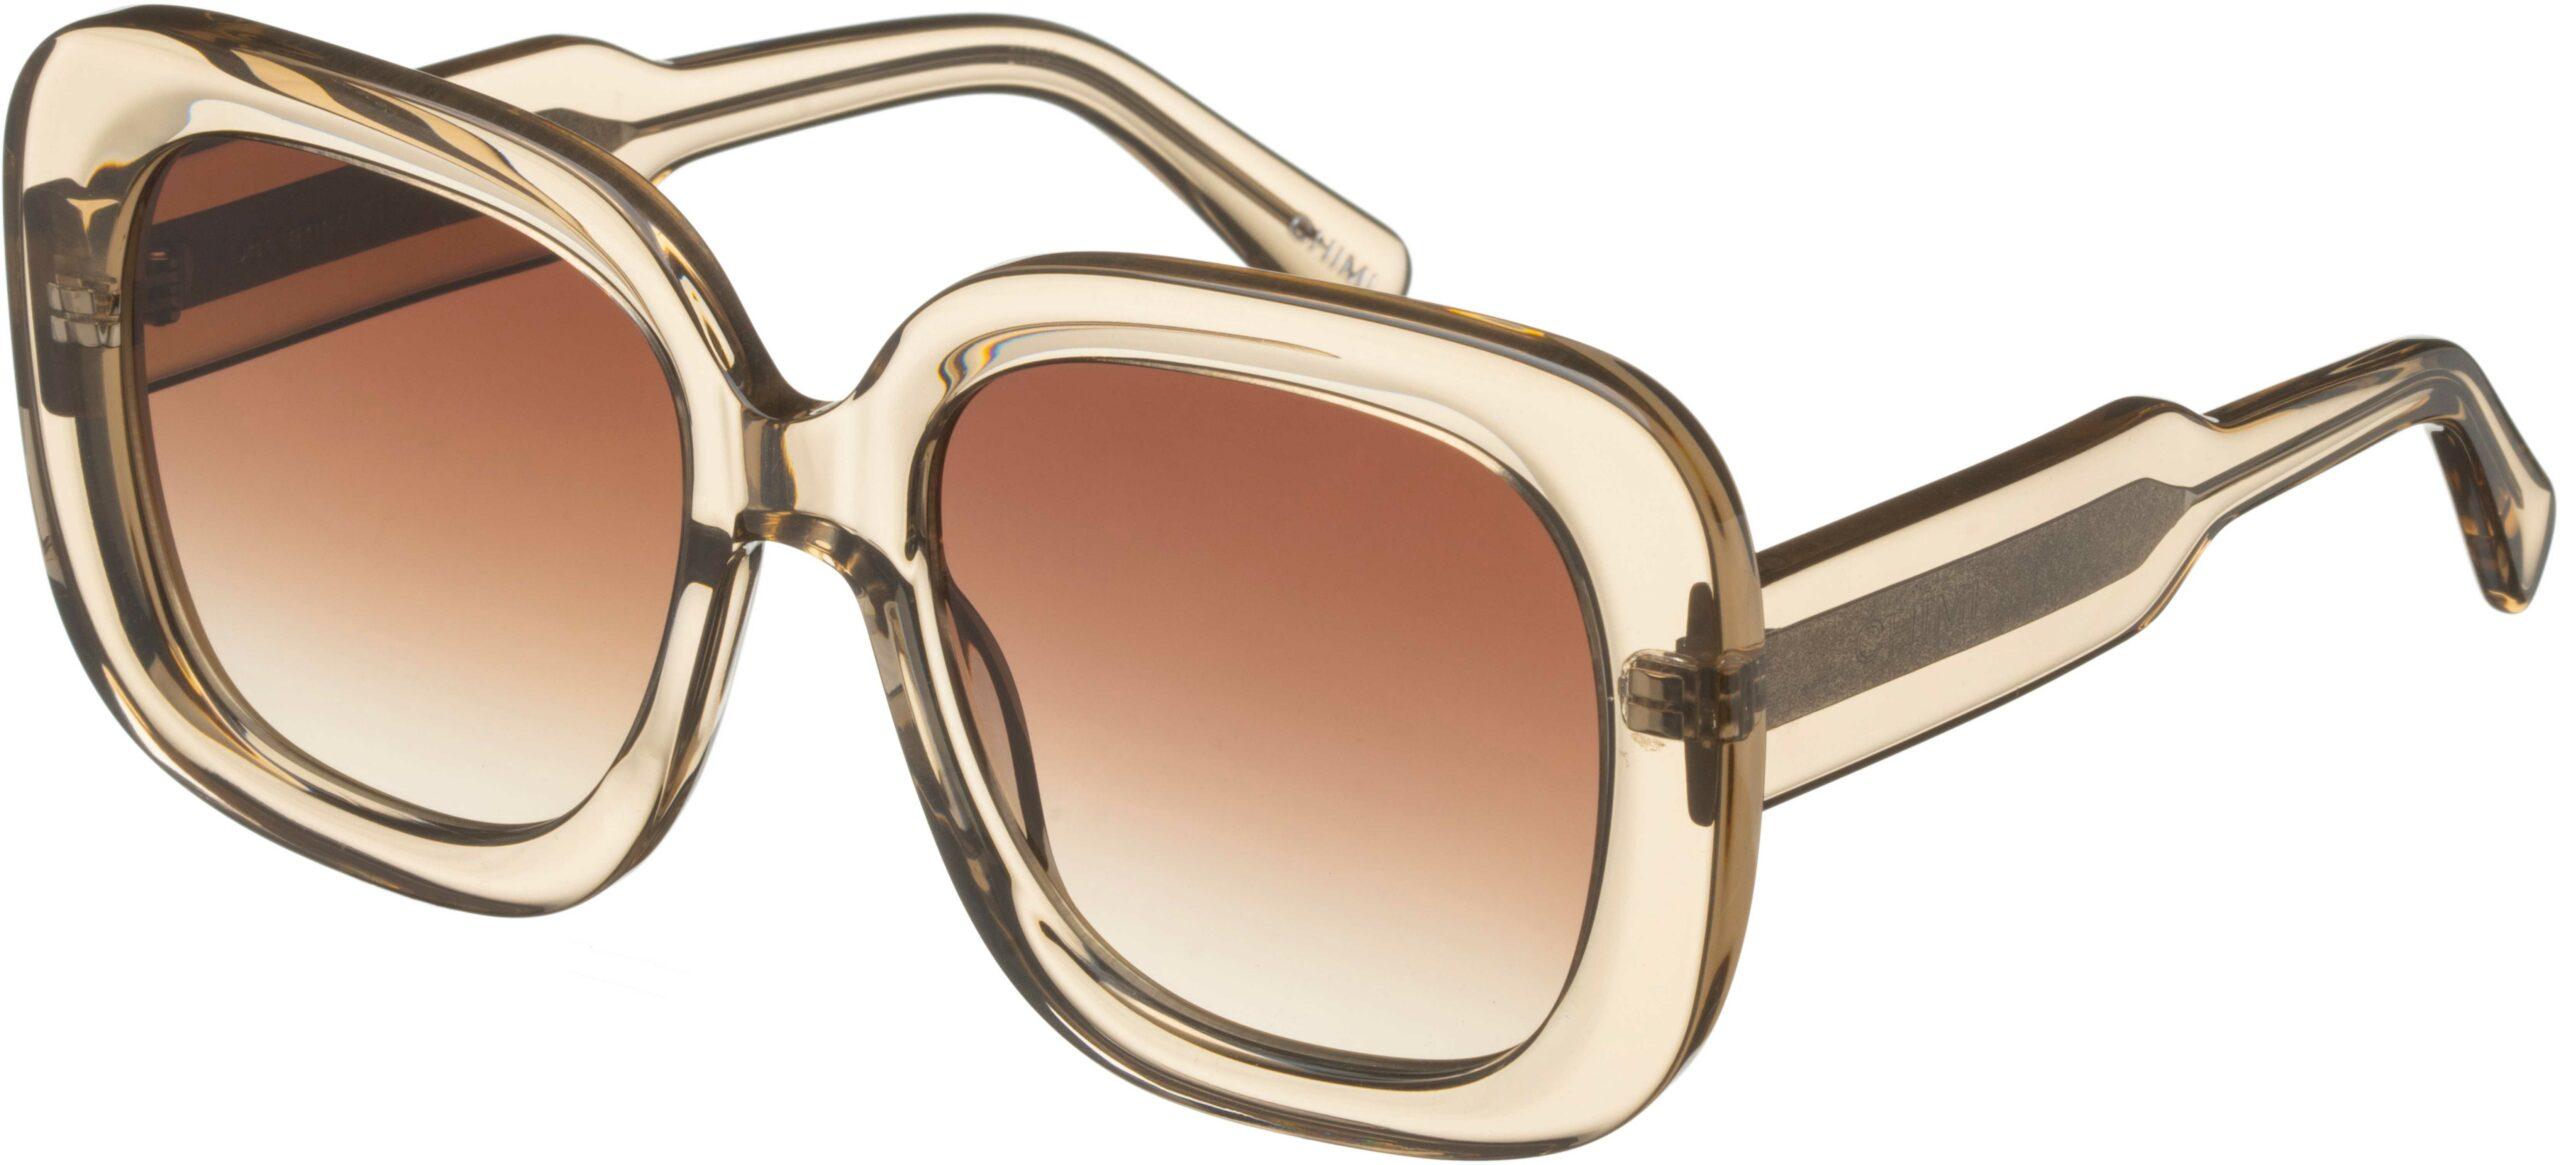 Chimi Eyewear #10 Ecru/Ecru | 7340192604543